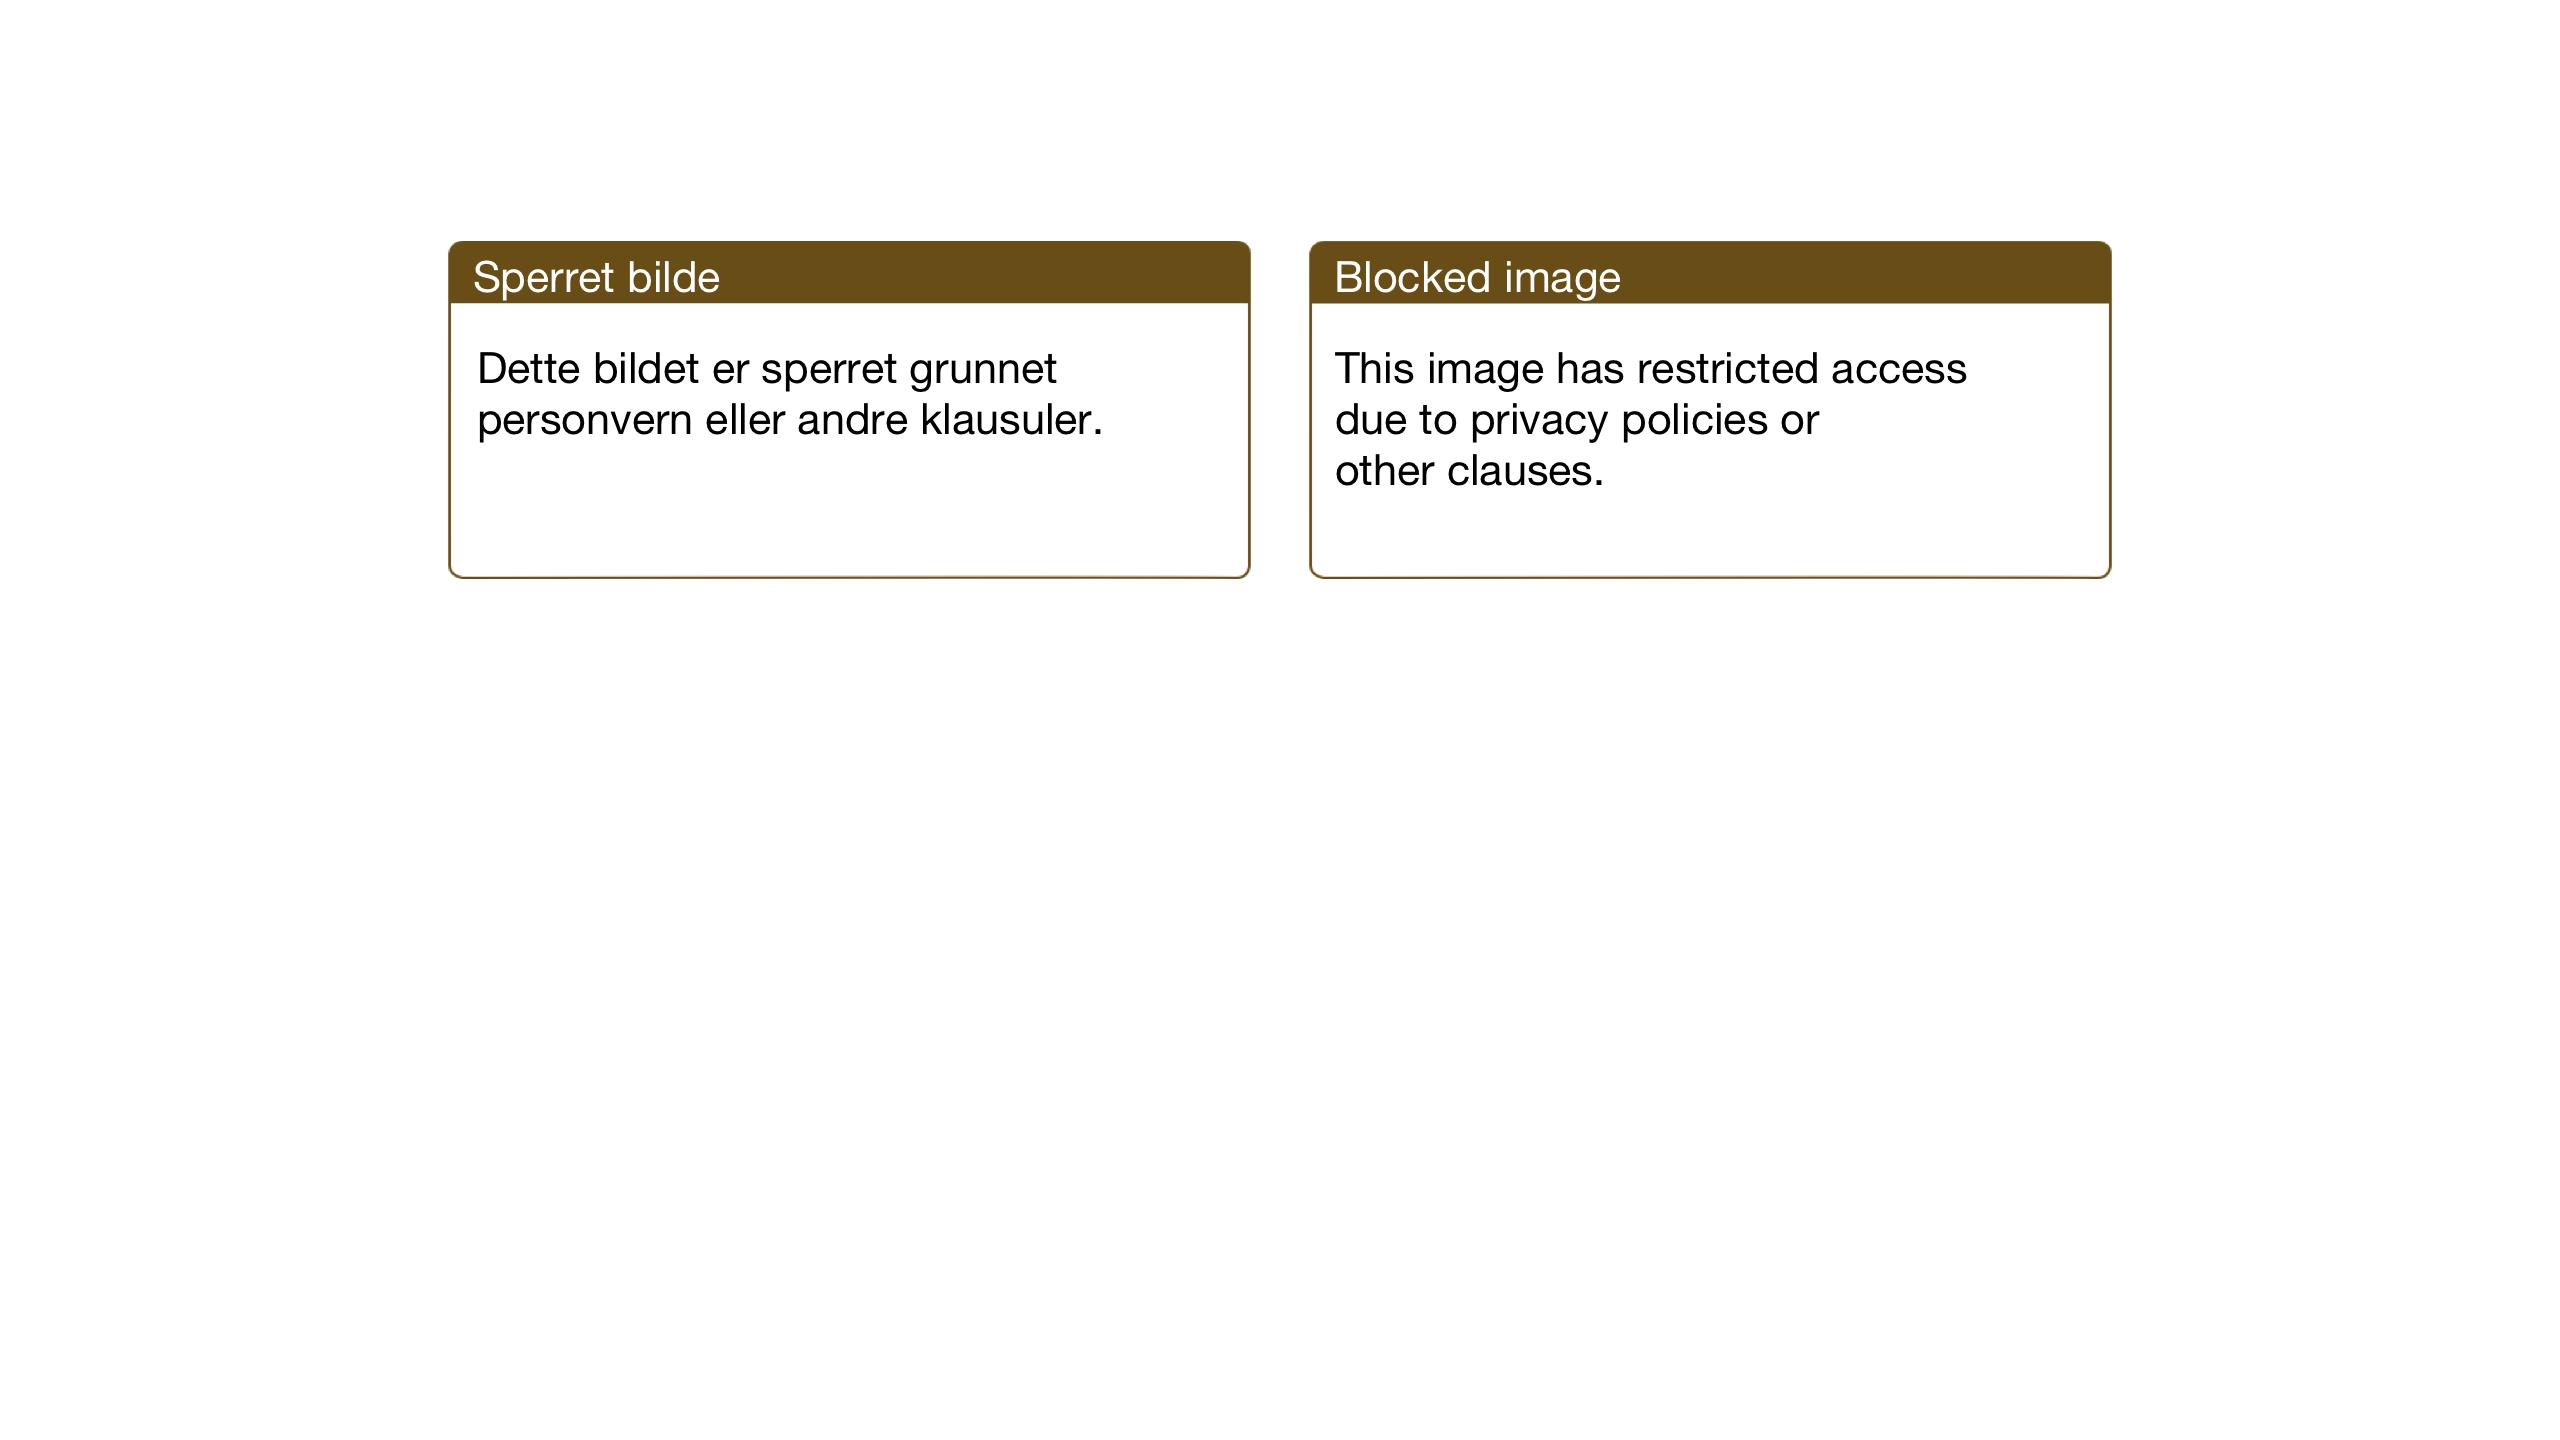 SAT, Ministerialprotokoller, klokkerbøker og fødselsregistre - Sør-Trøndelag, 667/L0799: Klokkerbok nr. 667C04, 1929-1950, s. 38